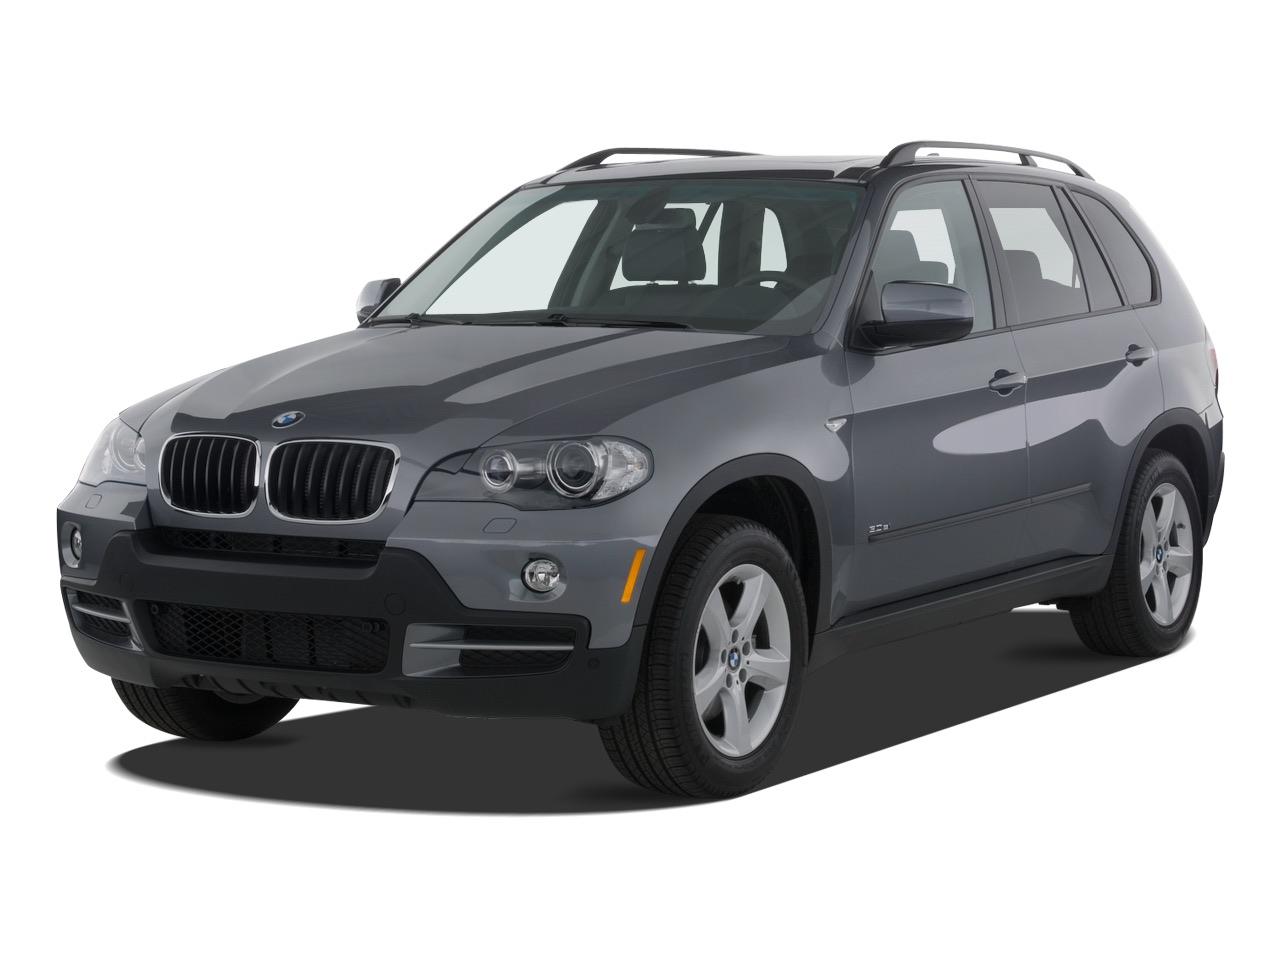 BMW X5 3.0i/3.5i/3.5d/4.4i/4.6i/4.8i/5.0i 1999-2013 Workshop Repair &  Service Manual